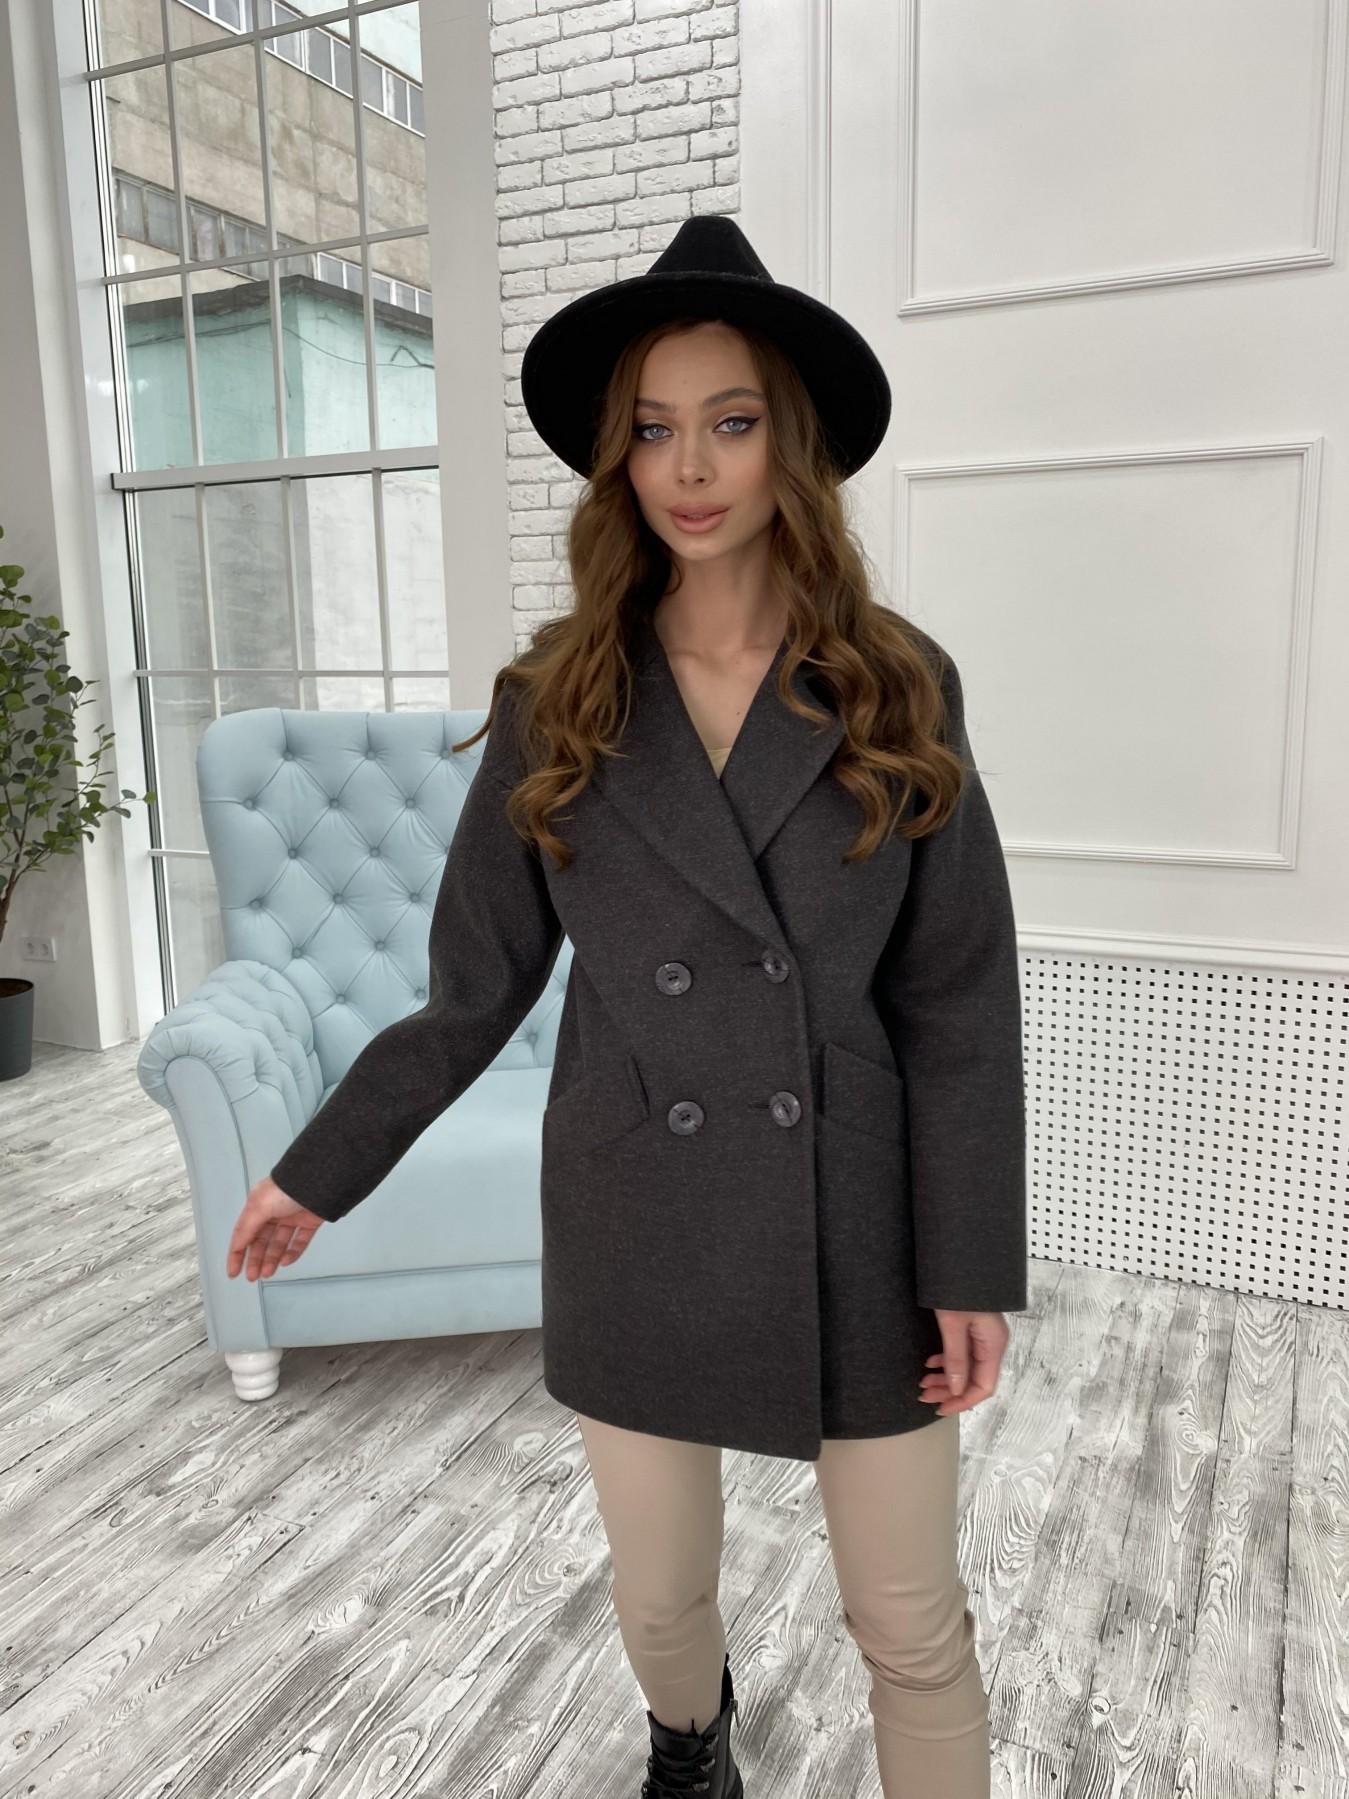 Бонд пальто  кашемировое меланж на трикотаже  10644 АРТ. 47183 Цвет: Черный меланж - фото 3, интернет магазин tm-modus.ru